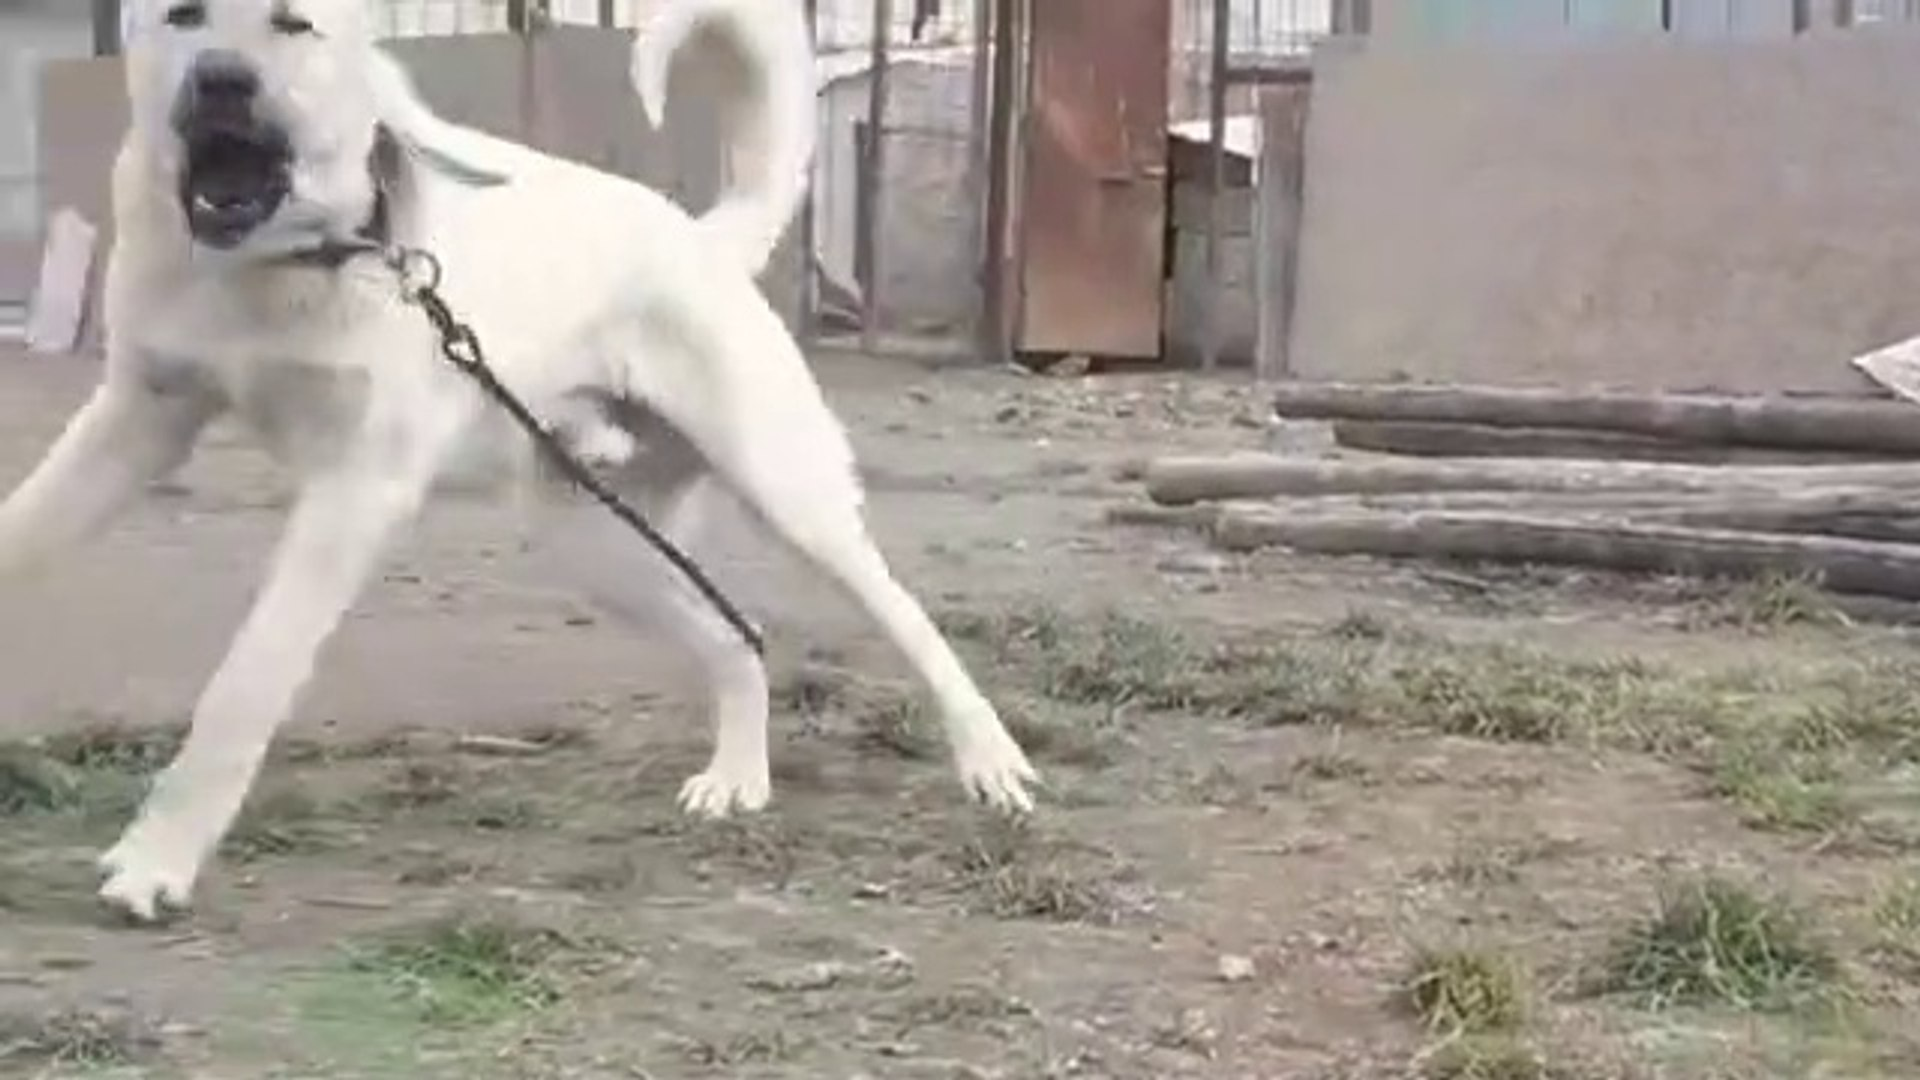 HER SABAH 1 DOZ HAVLAMA SESi ALANLAR BURADA MI - ANATOLiAN SHEPHERD DOG BARKiNG